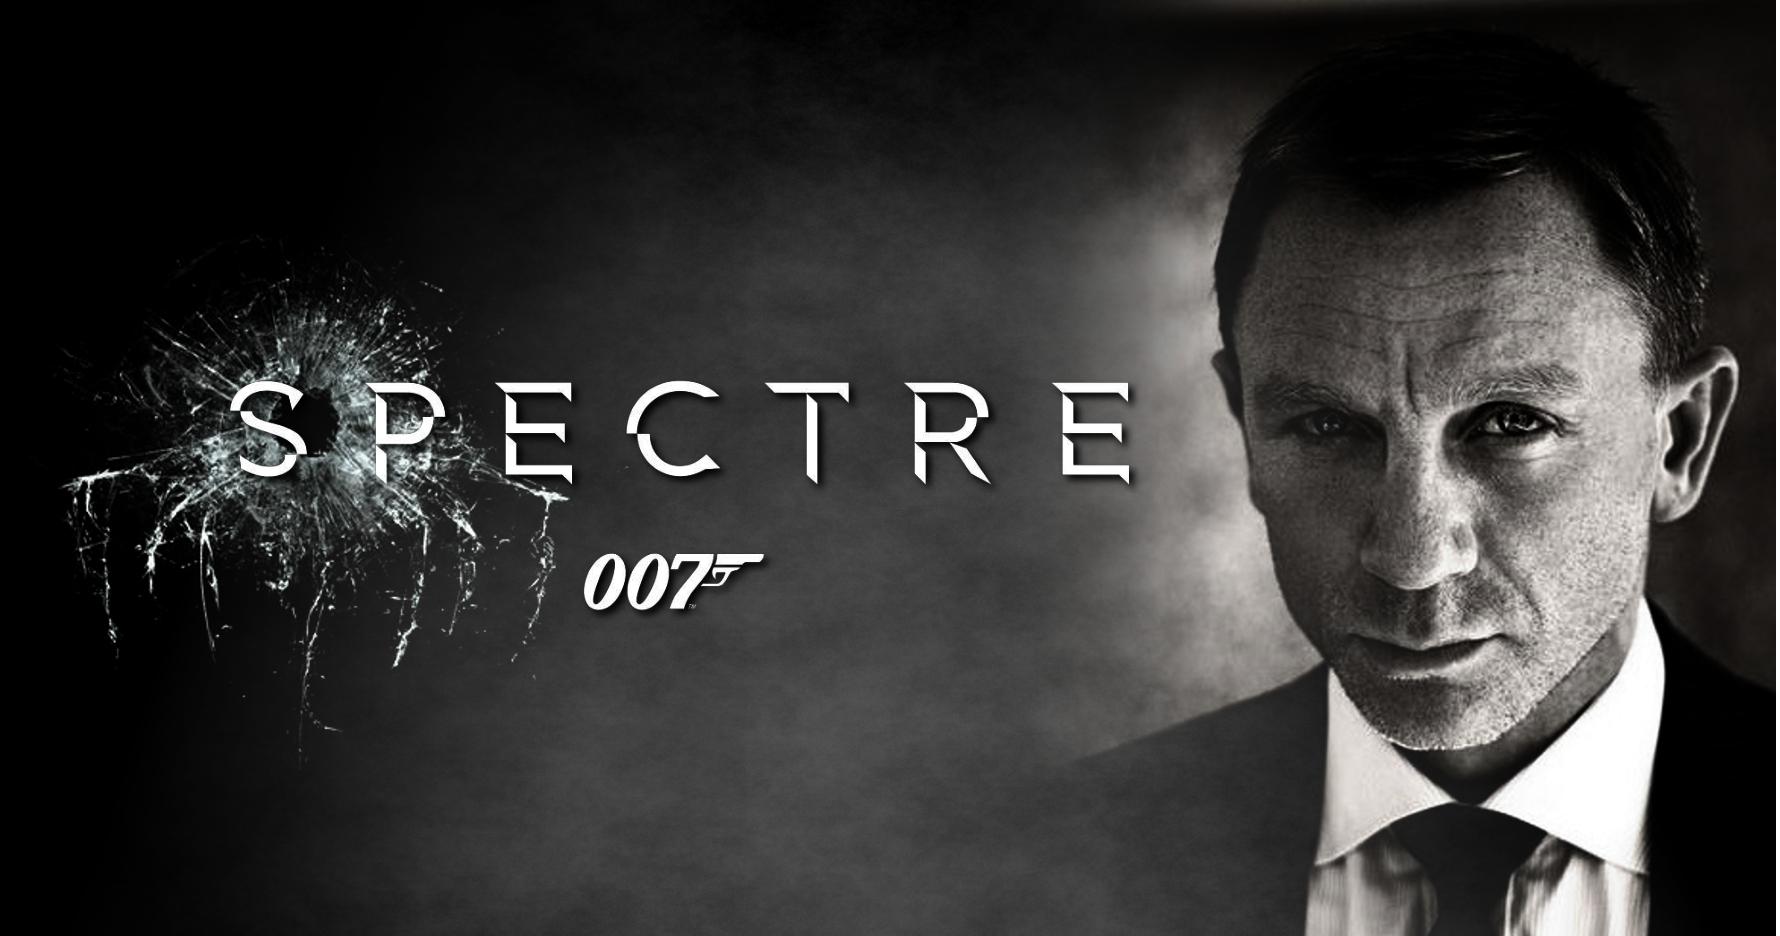 Lịch chiếu rạp phim Điệp viên 007 - Spectre